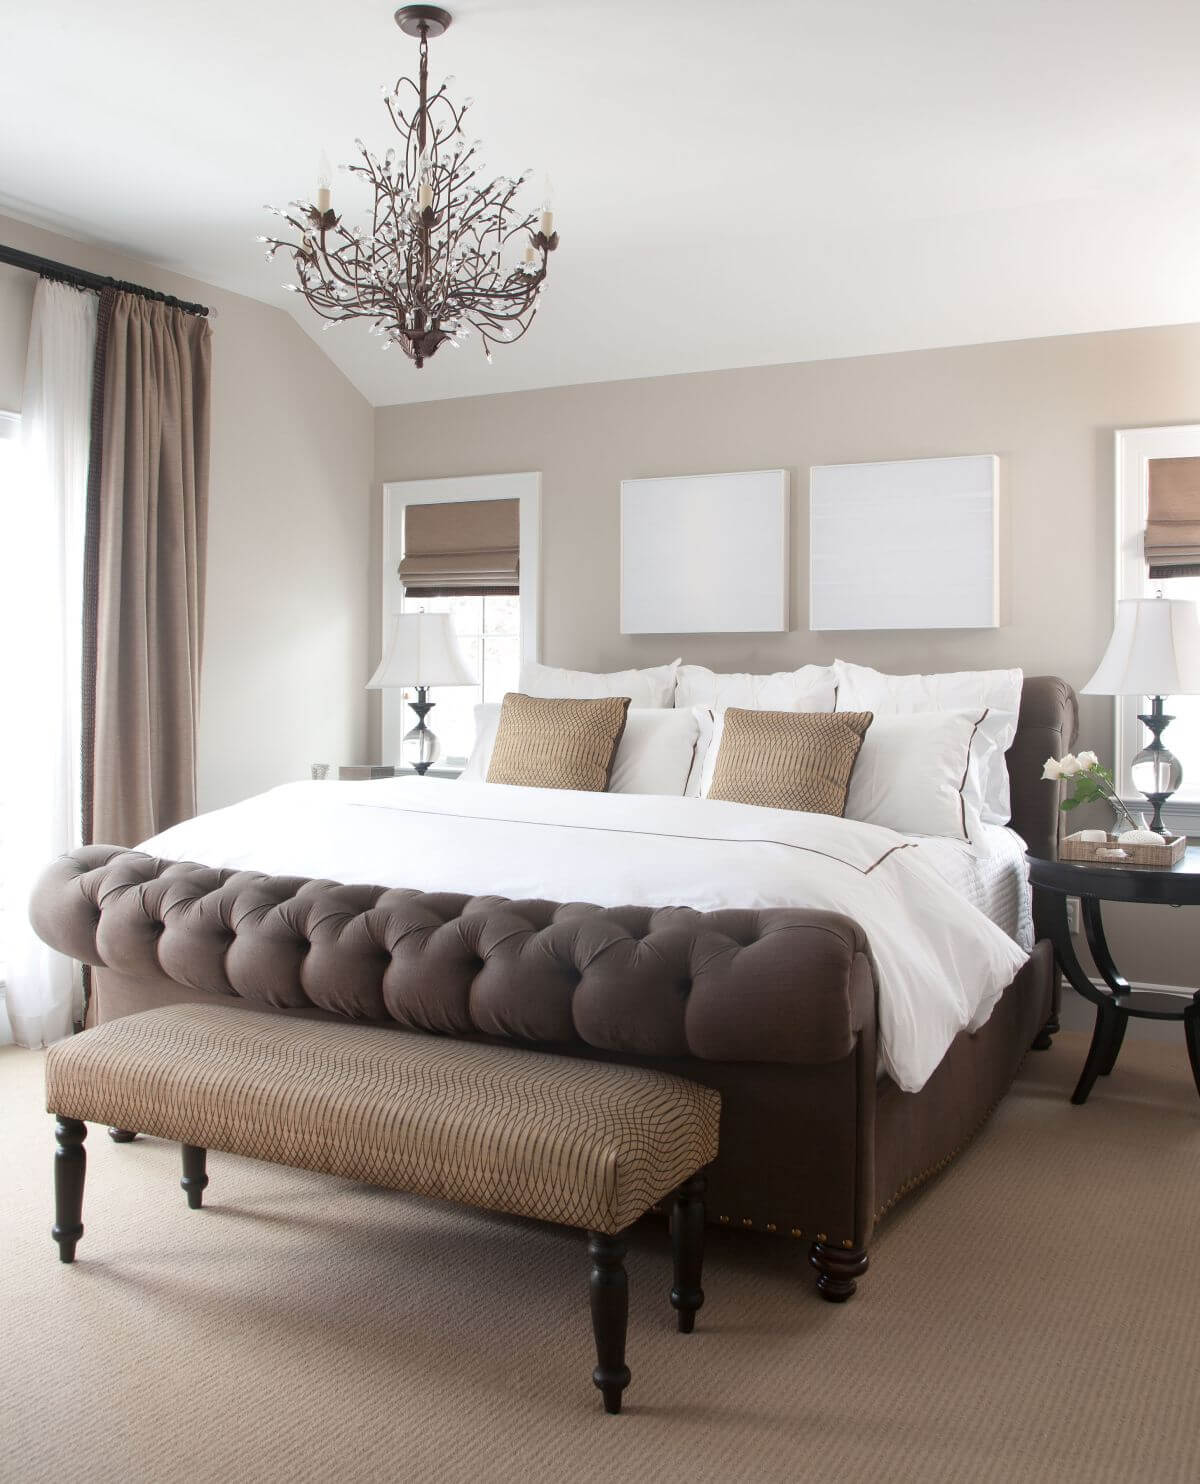 Sắc sơn nâu cho phòng ngủ, với tone nâu đậm hơn một chút thành màu socola nhưng nhờ được kết hợp với gam trắng mềm mại, phòng ngủ vẫn có được nét lãng mạn tinh tế.